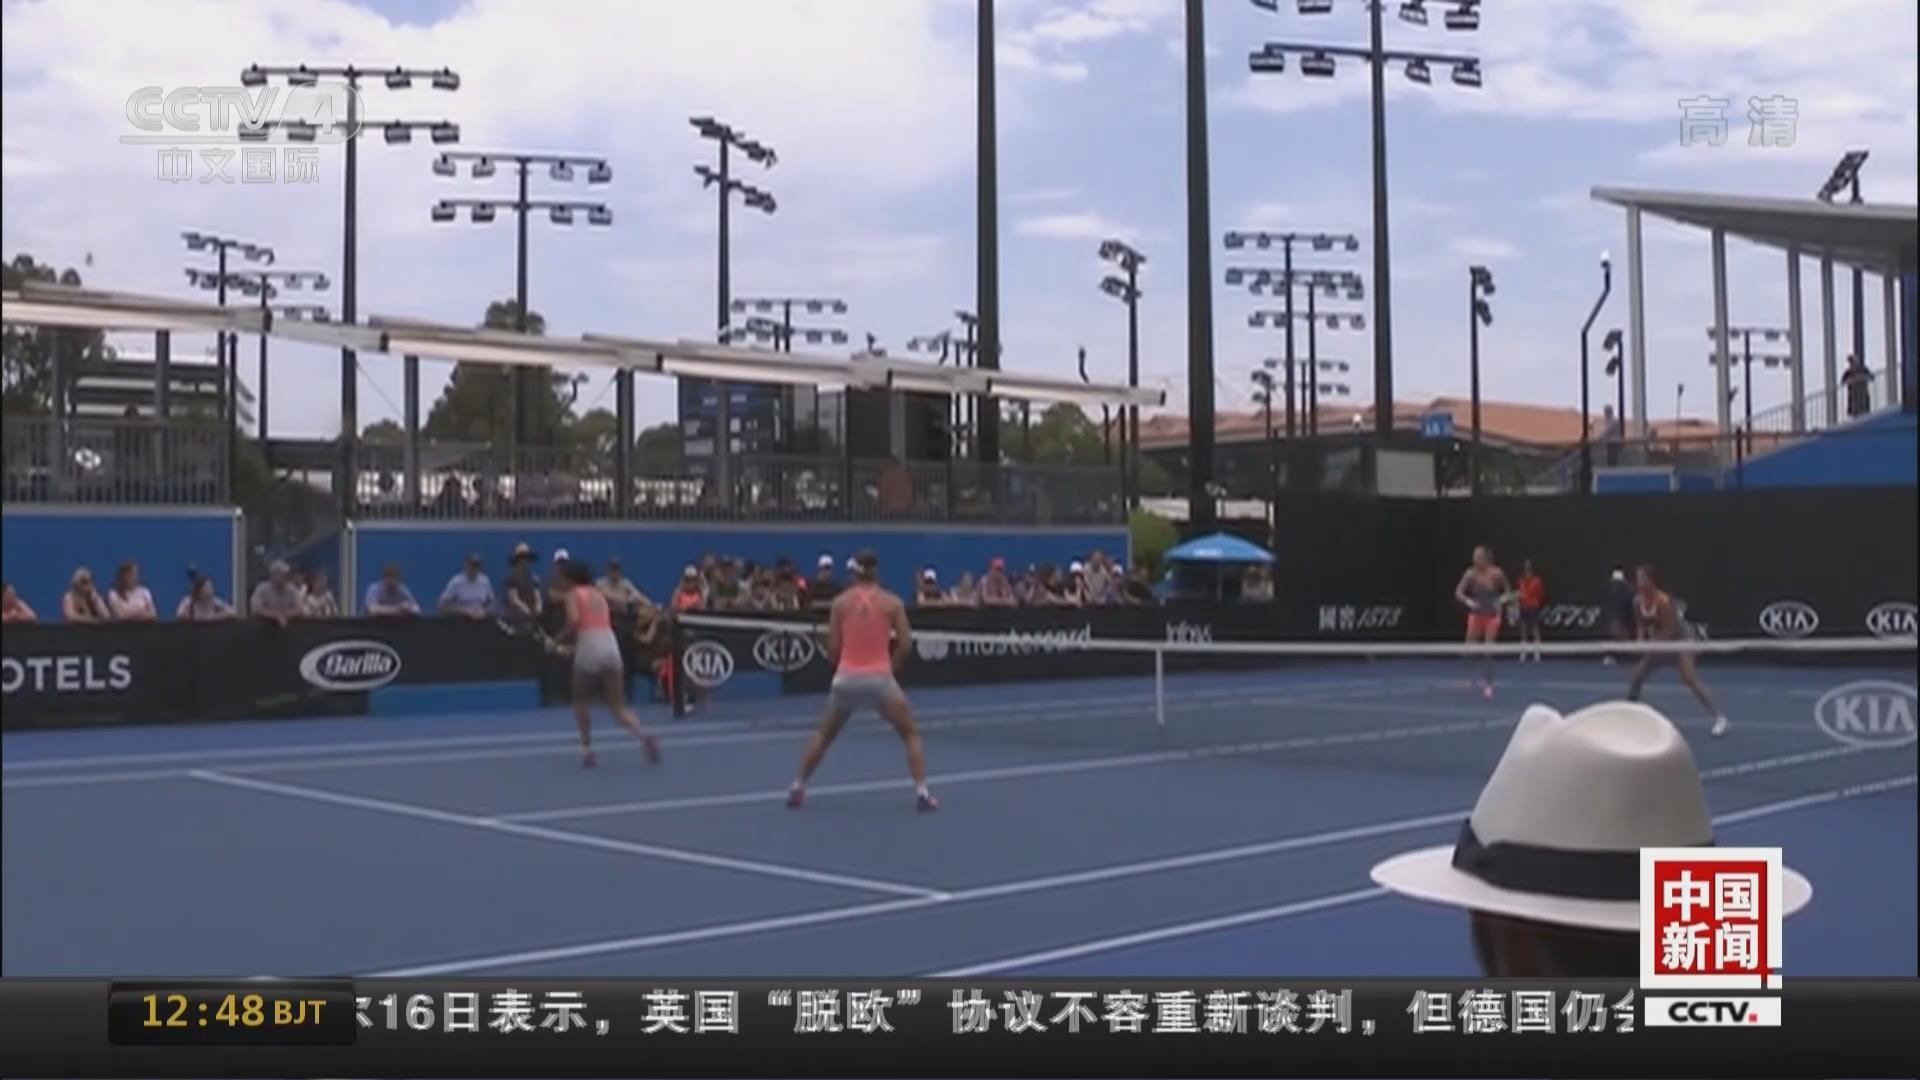 2019年澳大利亞網球公開賽 中國男雙取得突破